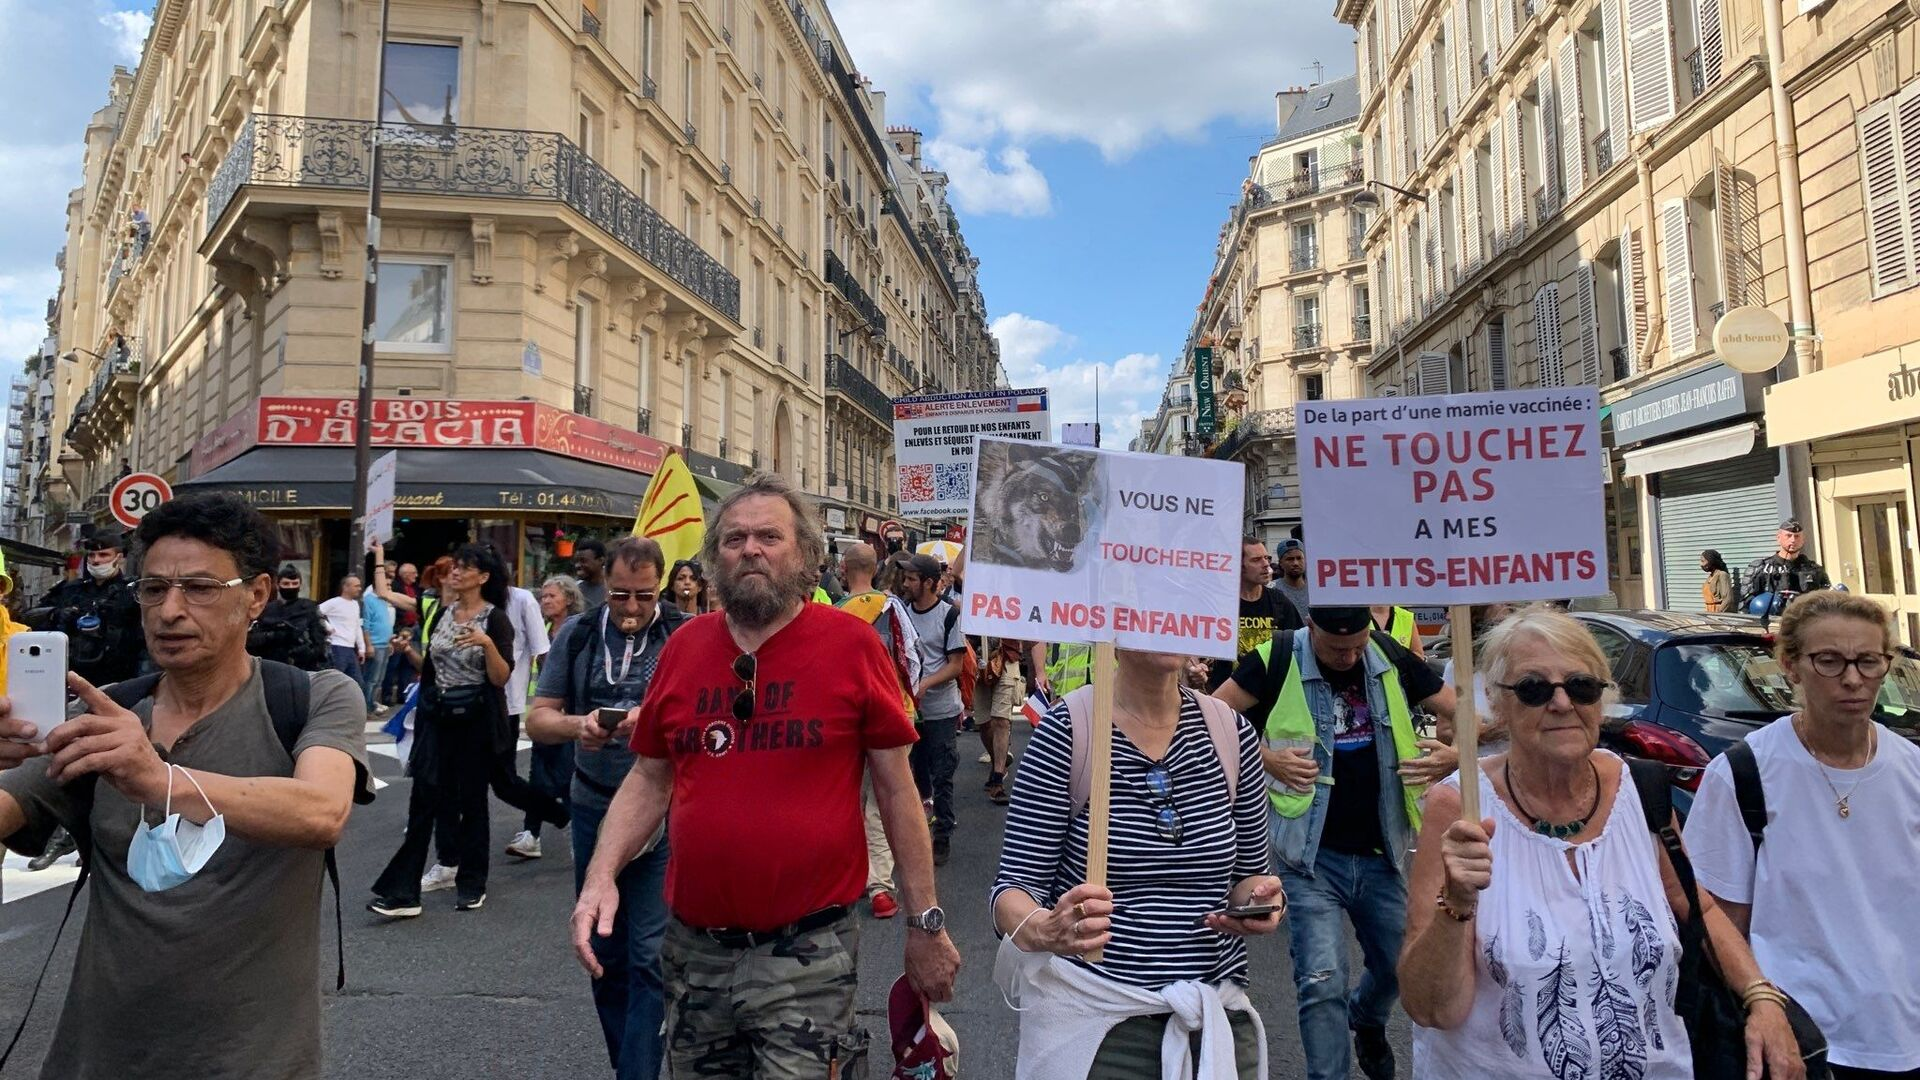 Dixième samedi de manifestations à Paris contre le pass sanitaire que Macron envisage d'alléger - Sputnik France, 1920, 18.09.2021